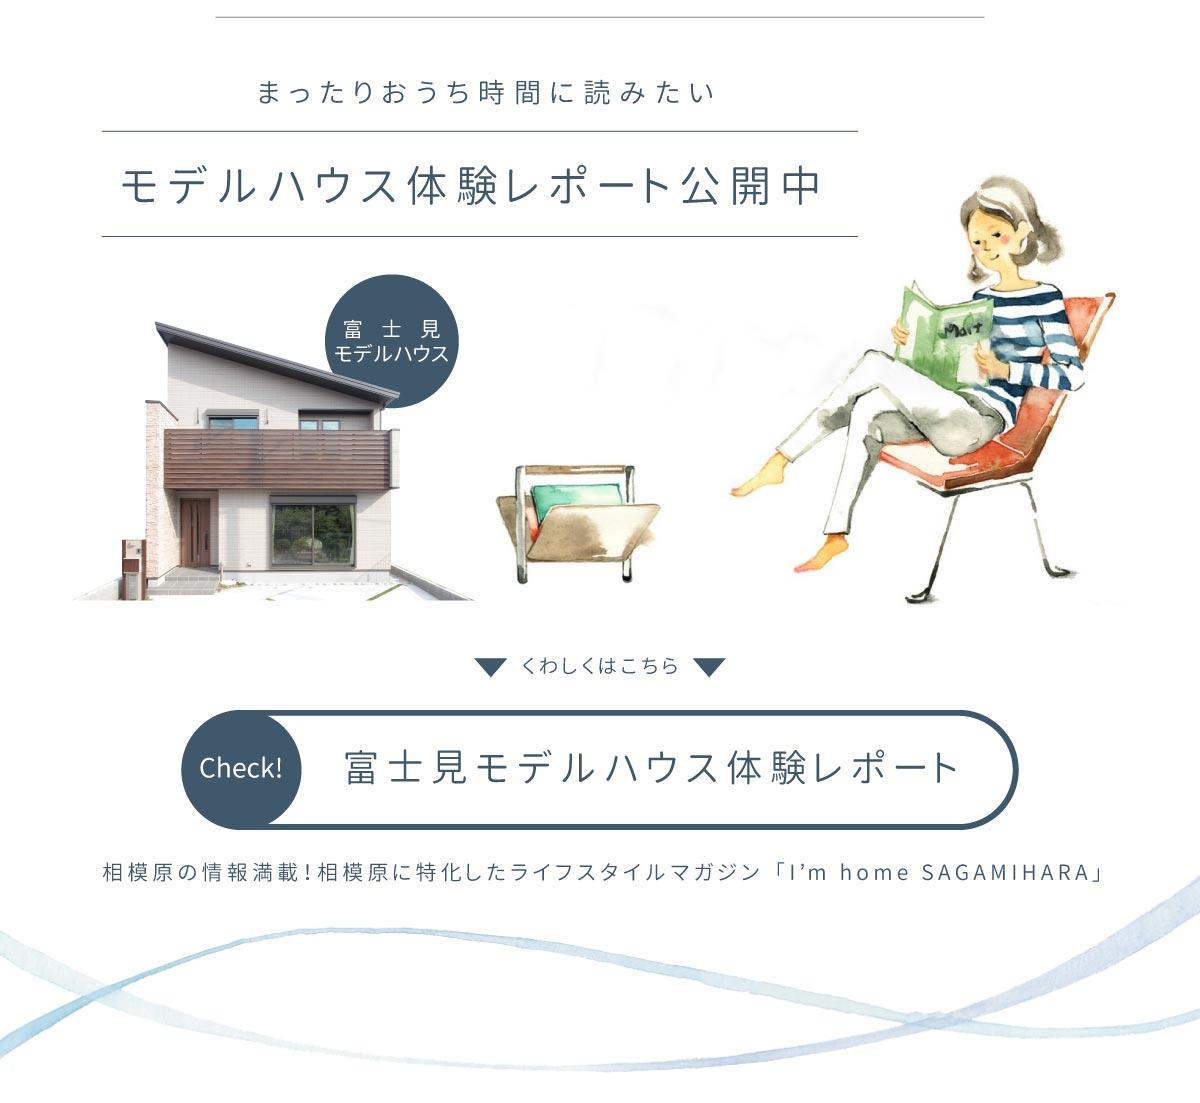 美都住販 空気 イベント モデルハウス 富士見モデルハウス体験レポート